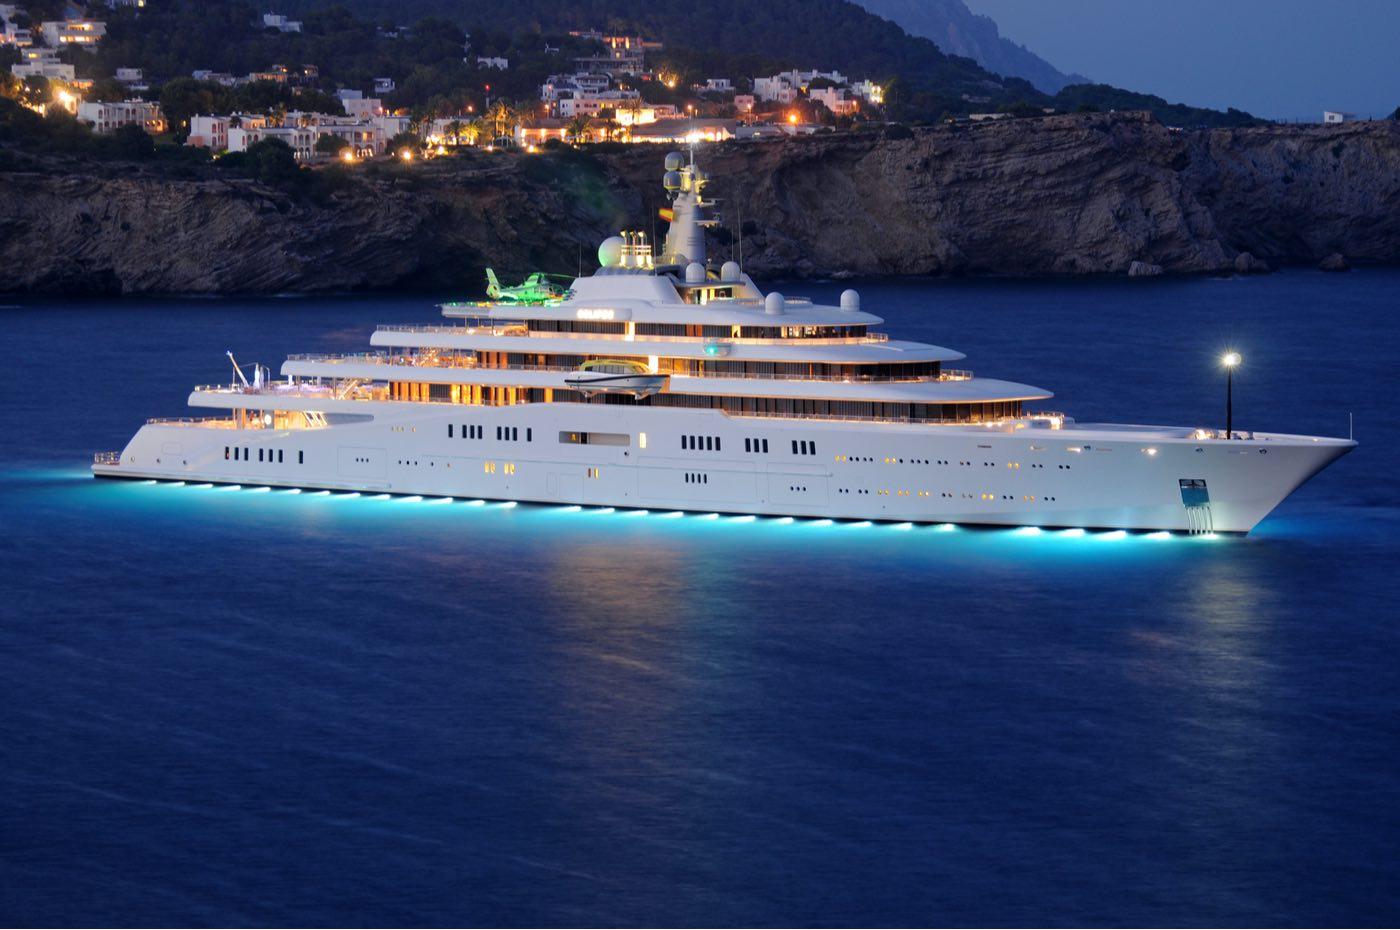 16 opulentos y extravagantes lujos que solo los mega multimillonarios pueden permitirse